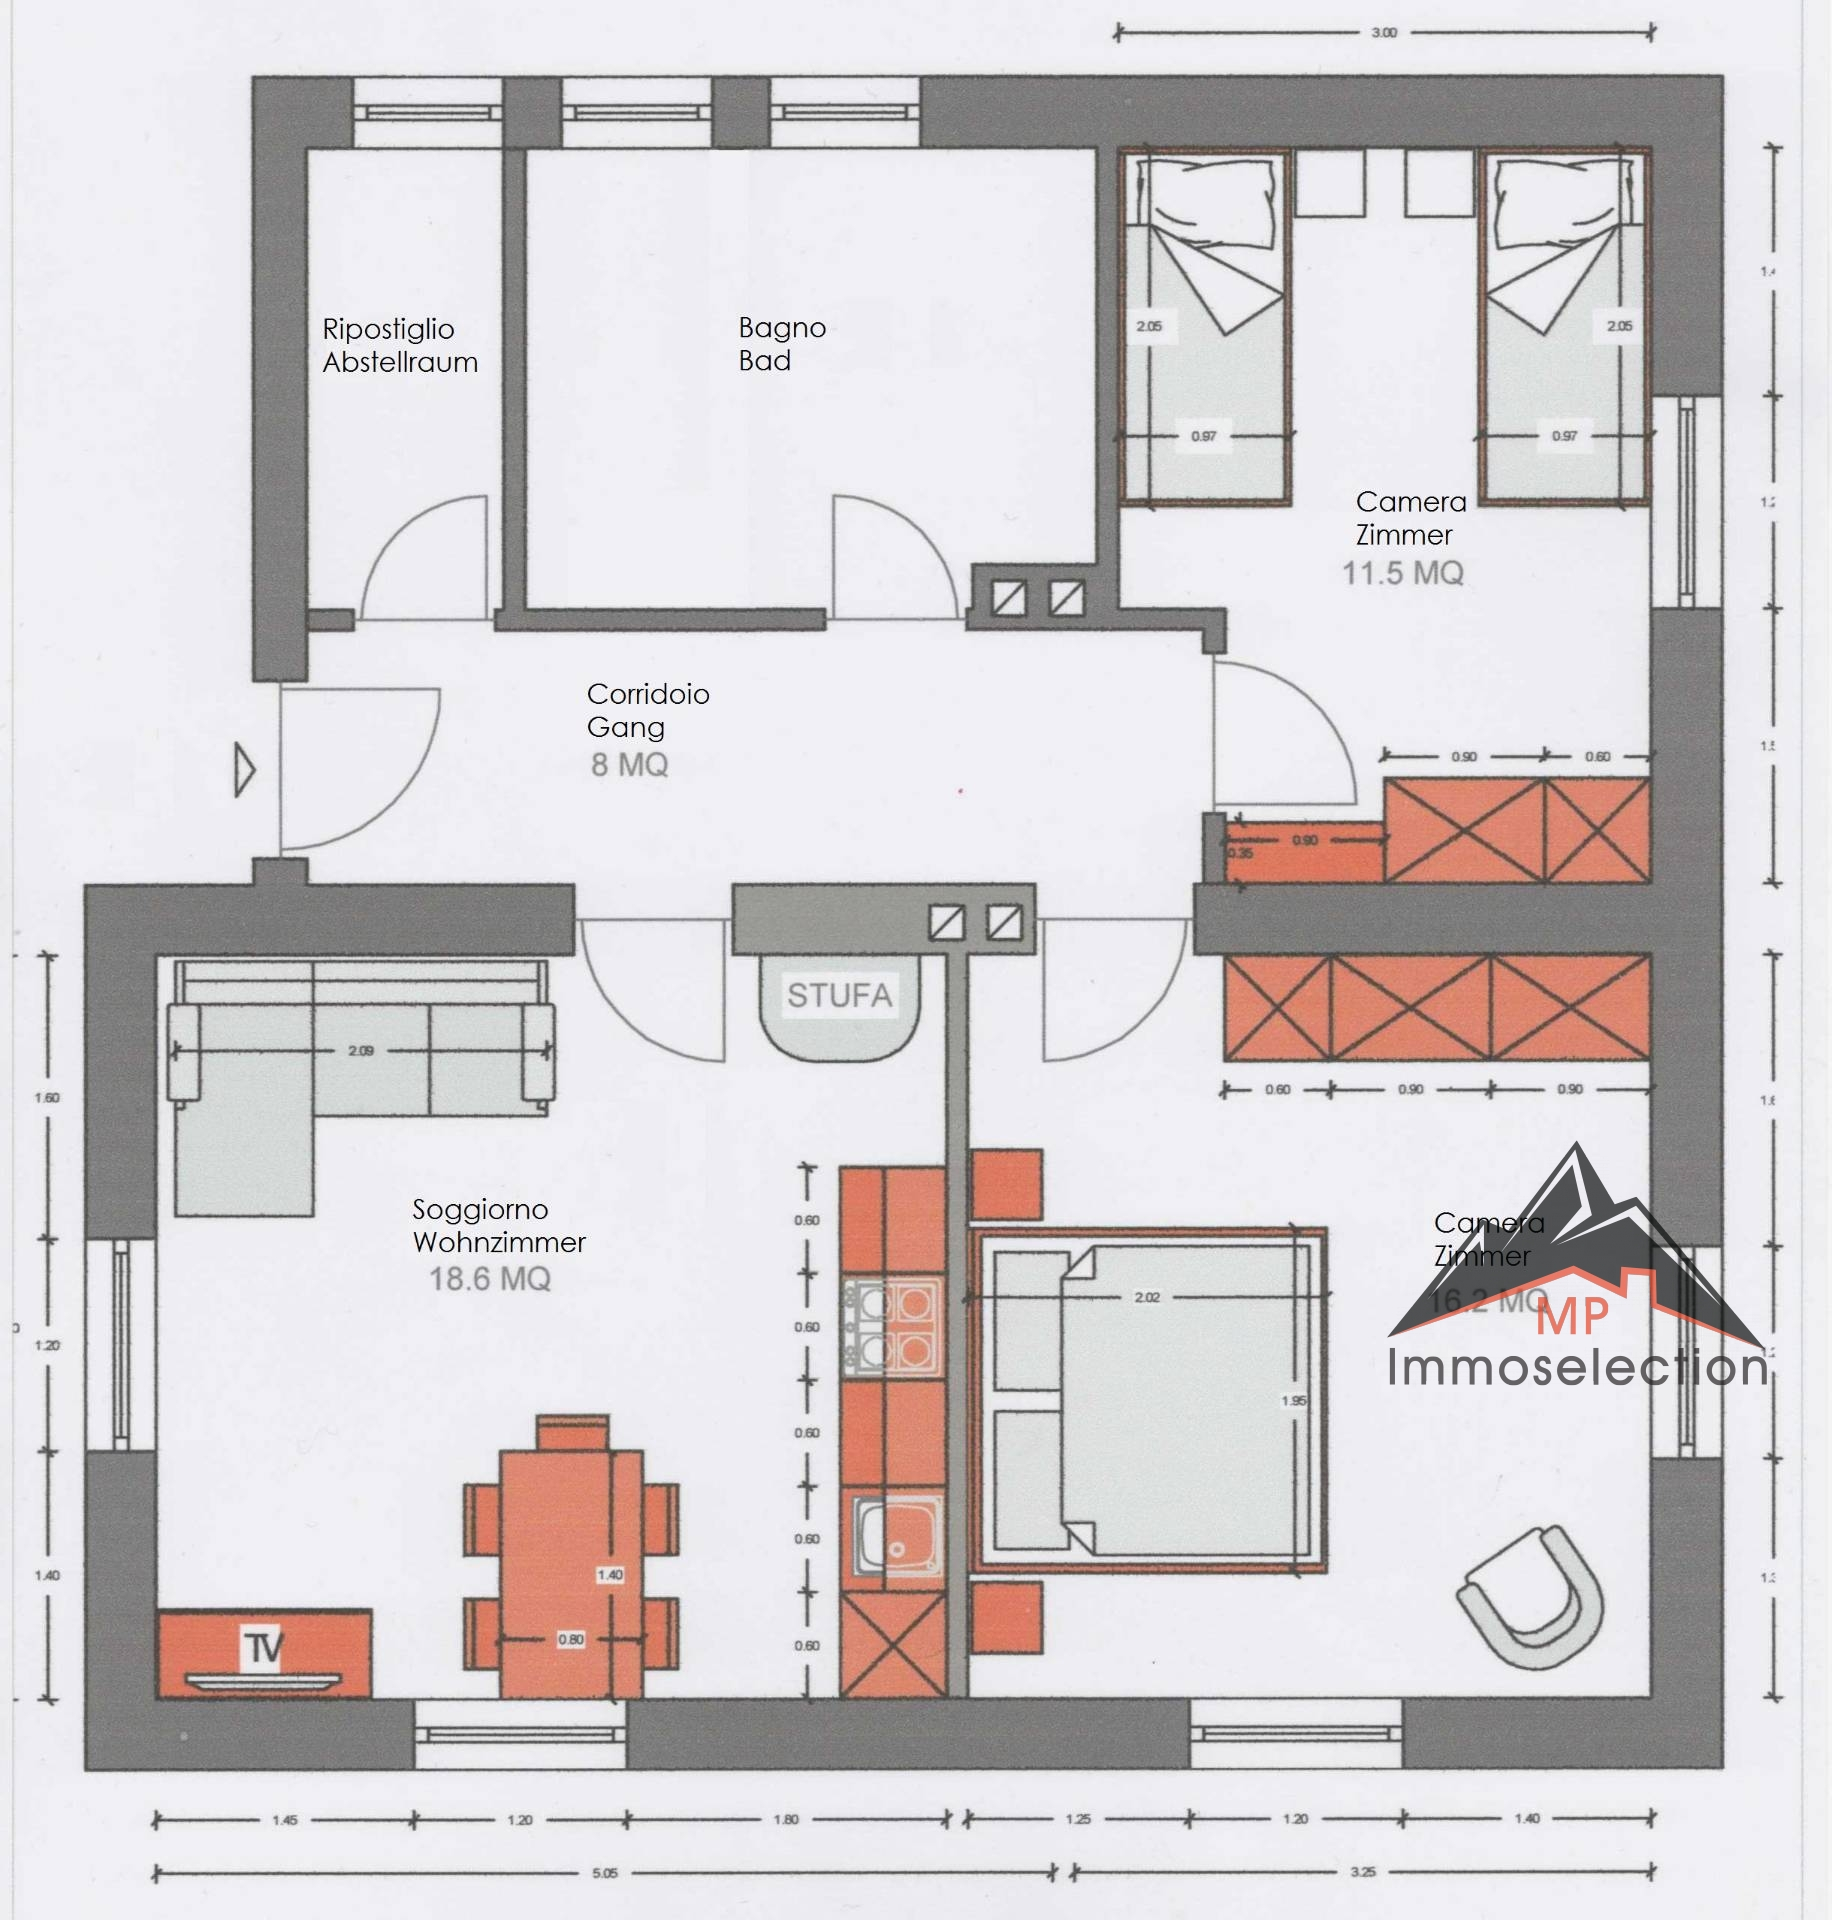 Appartamento in affitto a Falzes, 3 locali, zona Zona: Issengo, prezzo € 700 | CambioCasa.it